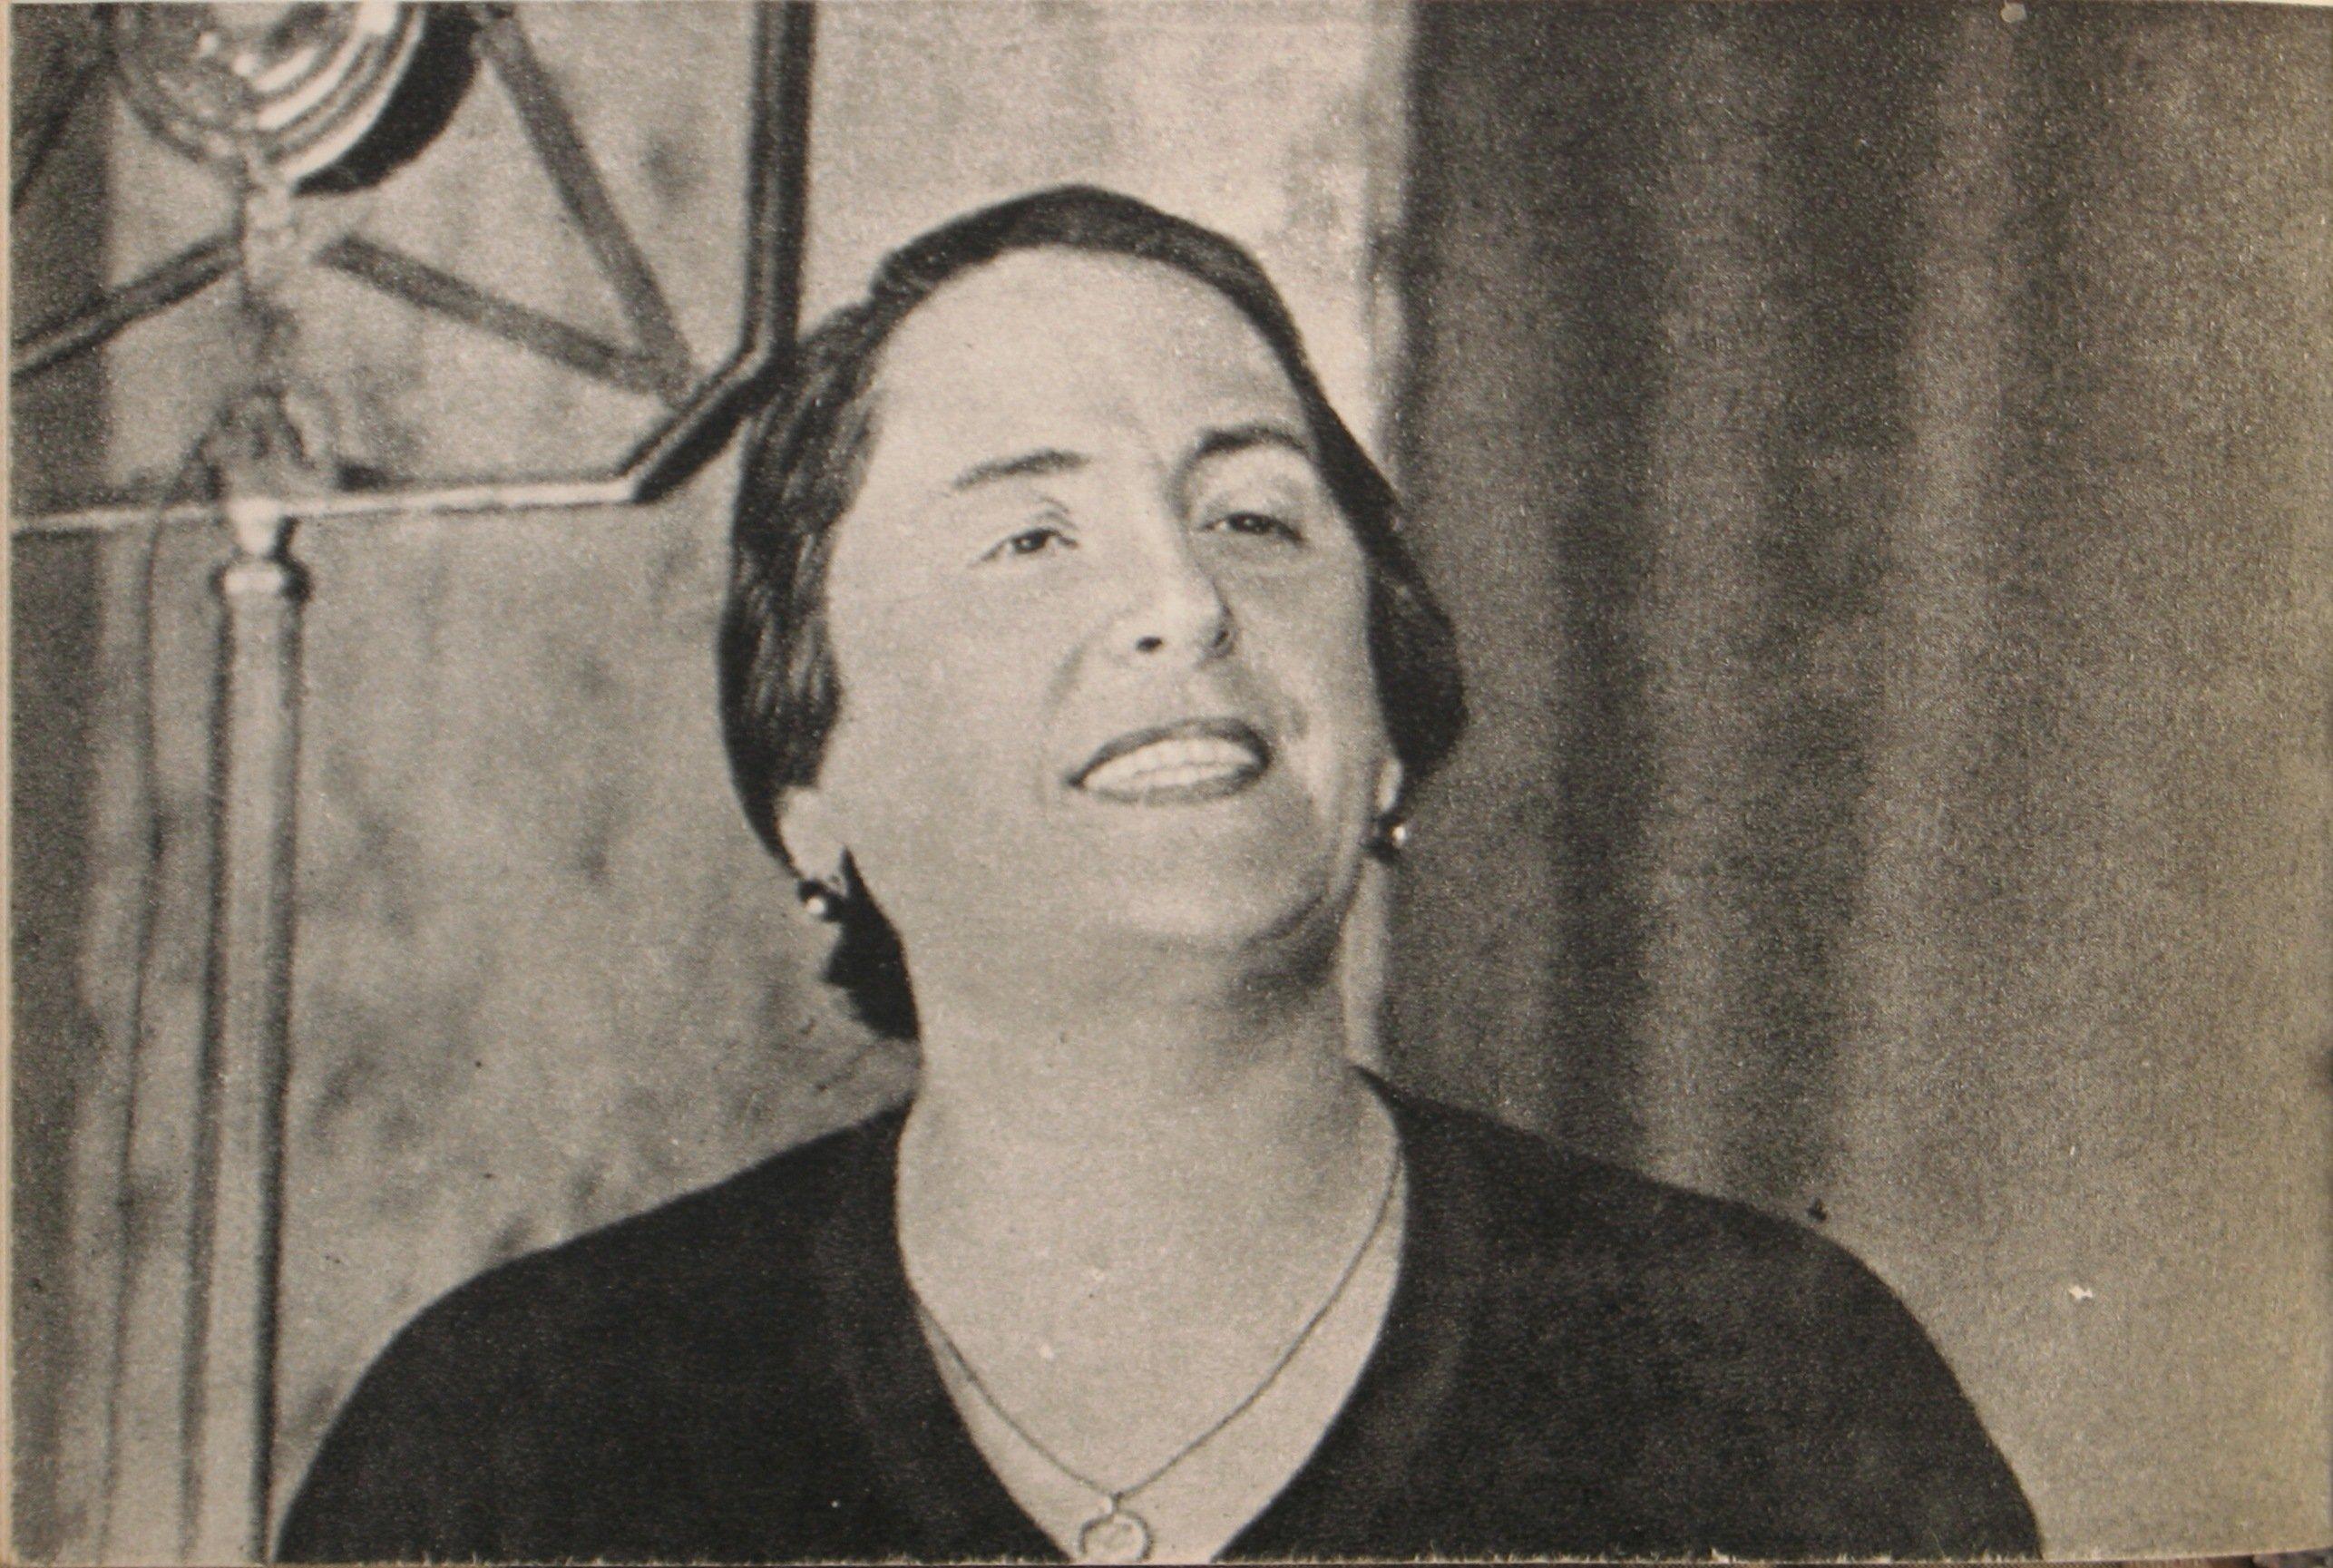 Dolores Ibárruri, líder comunista española exiliada en la URSS